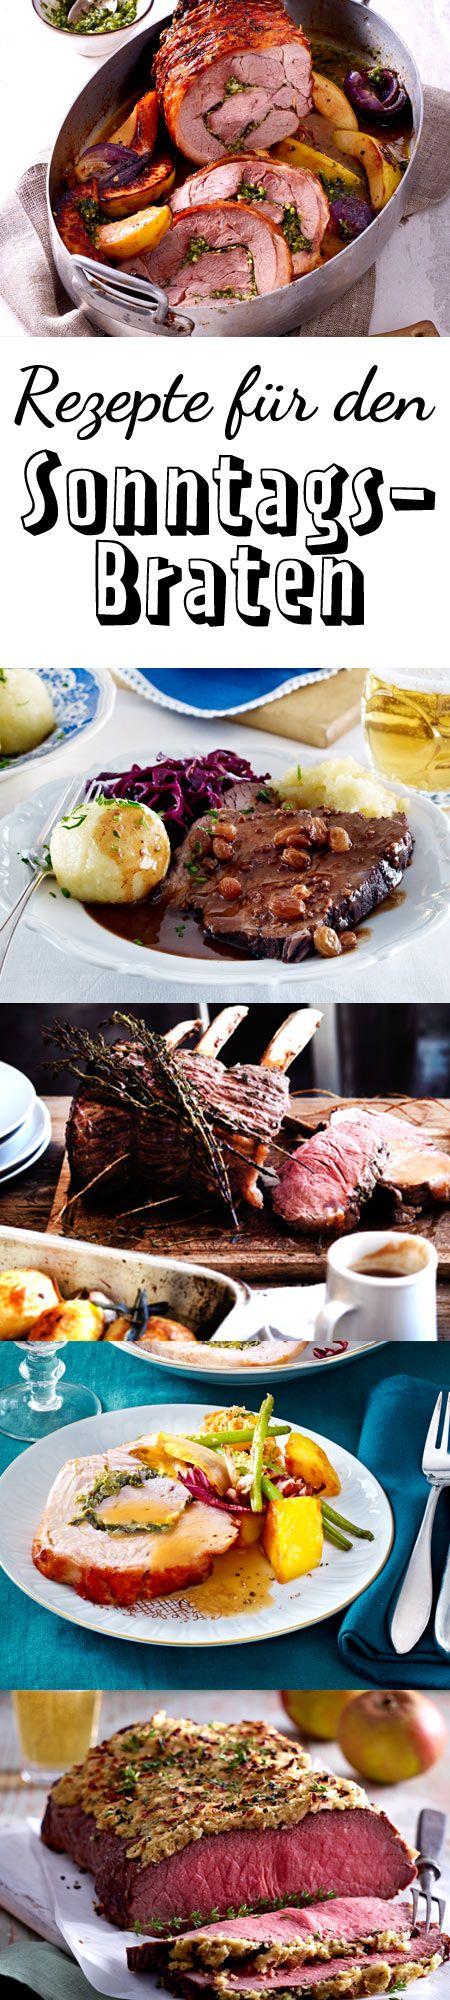 Welcher Sonntagsbraten hat bei dir Tradition?